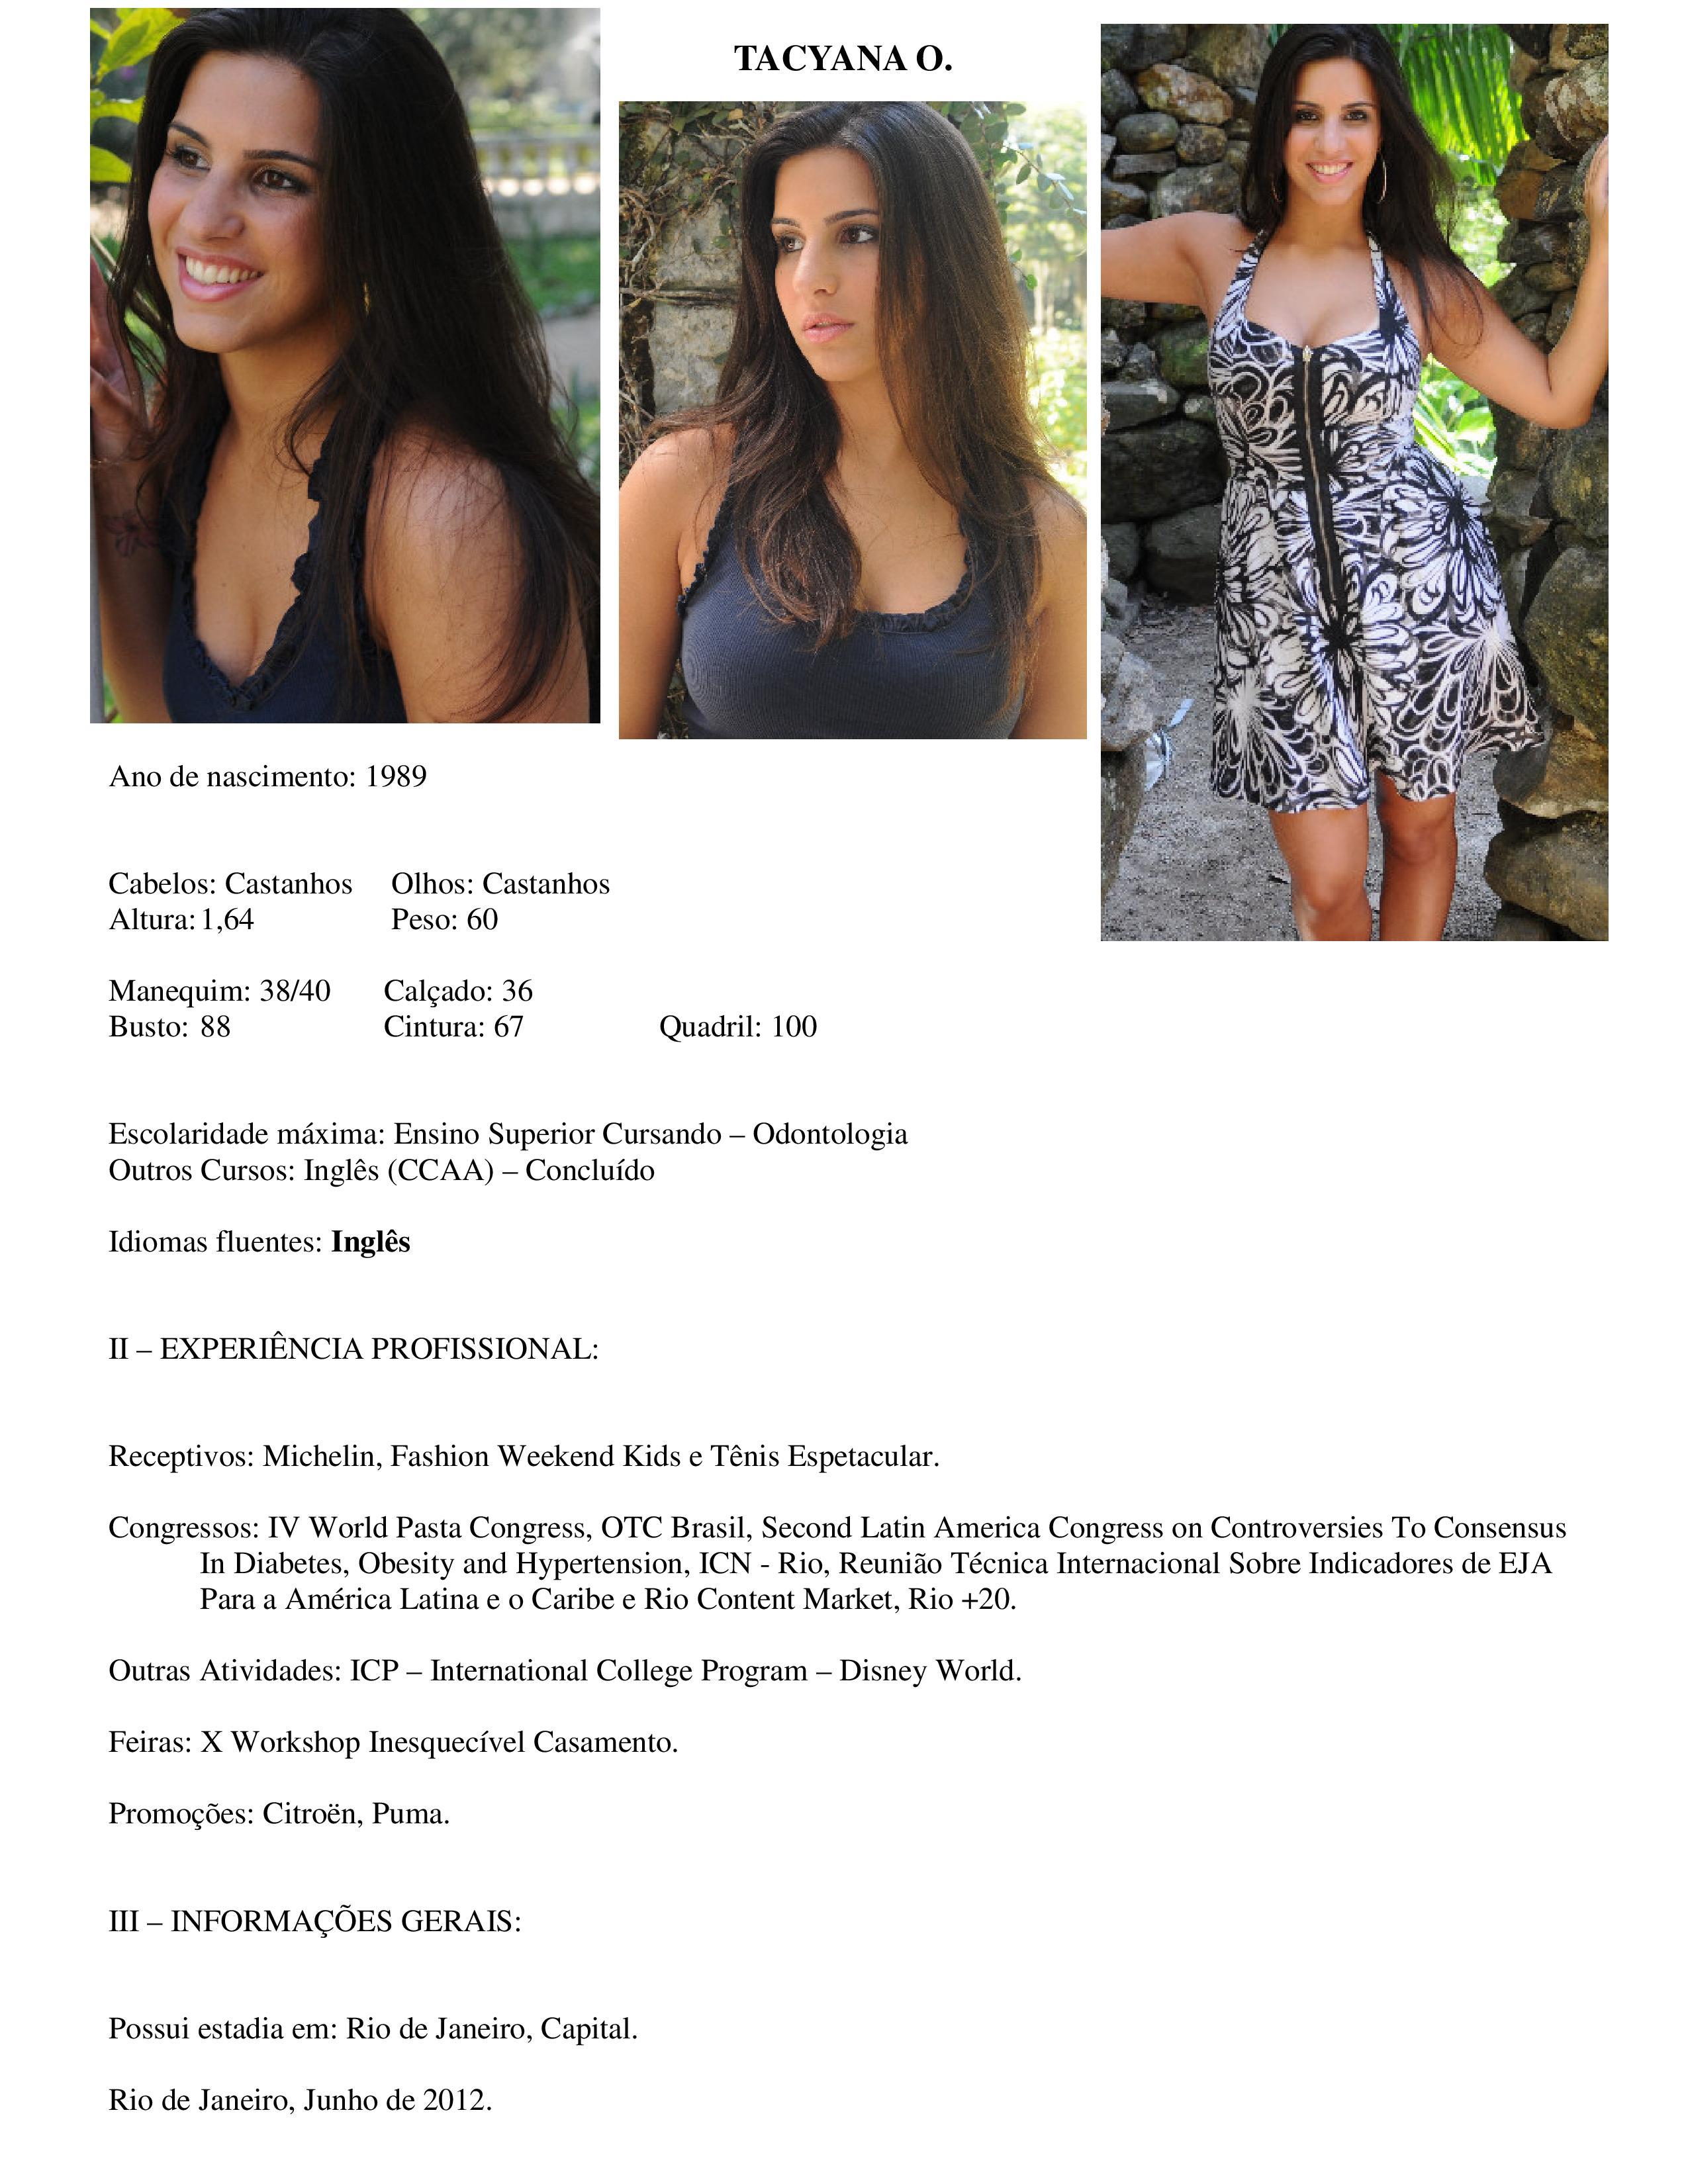 Tacyana Olivato-page-001